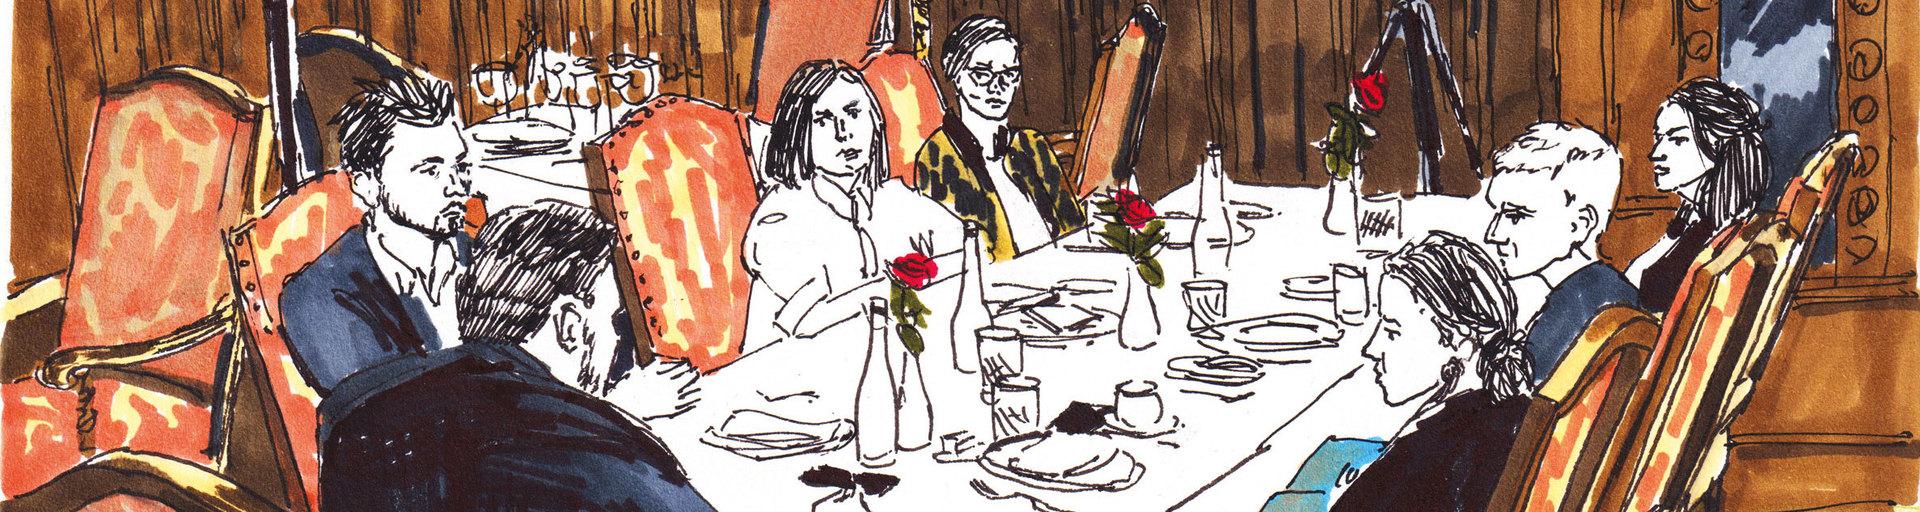 Что такое гендер идолжны ли что-то друг другу мужчины иженщины: круглый стол Esquire